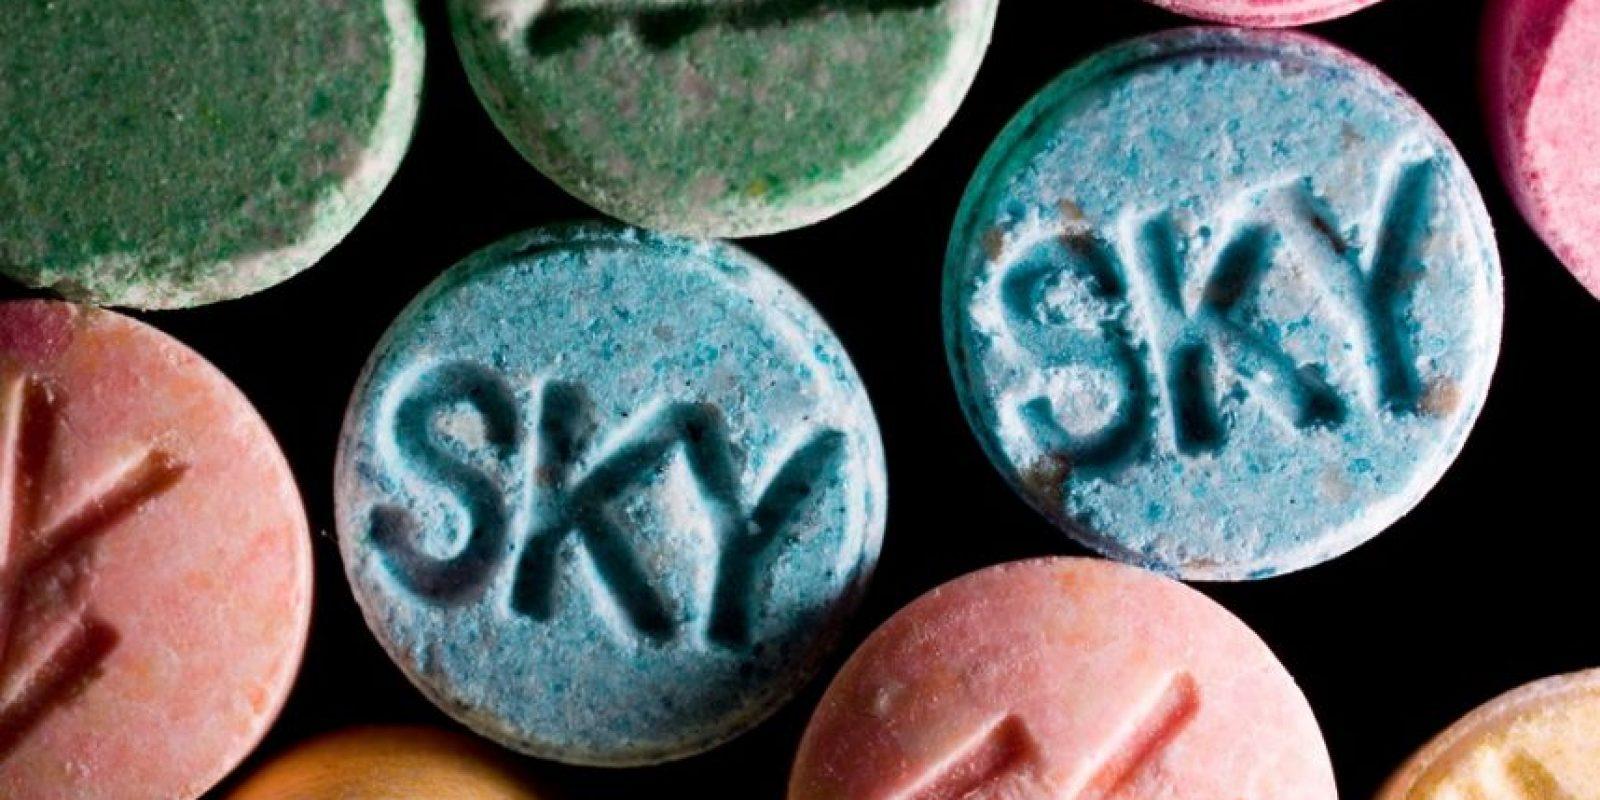 Los efectos de este fármaco producen principalmente una sensación de euforia. Foto:Wikipedia Commons